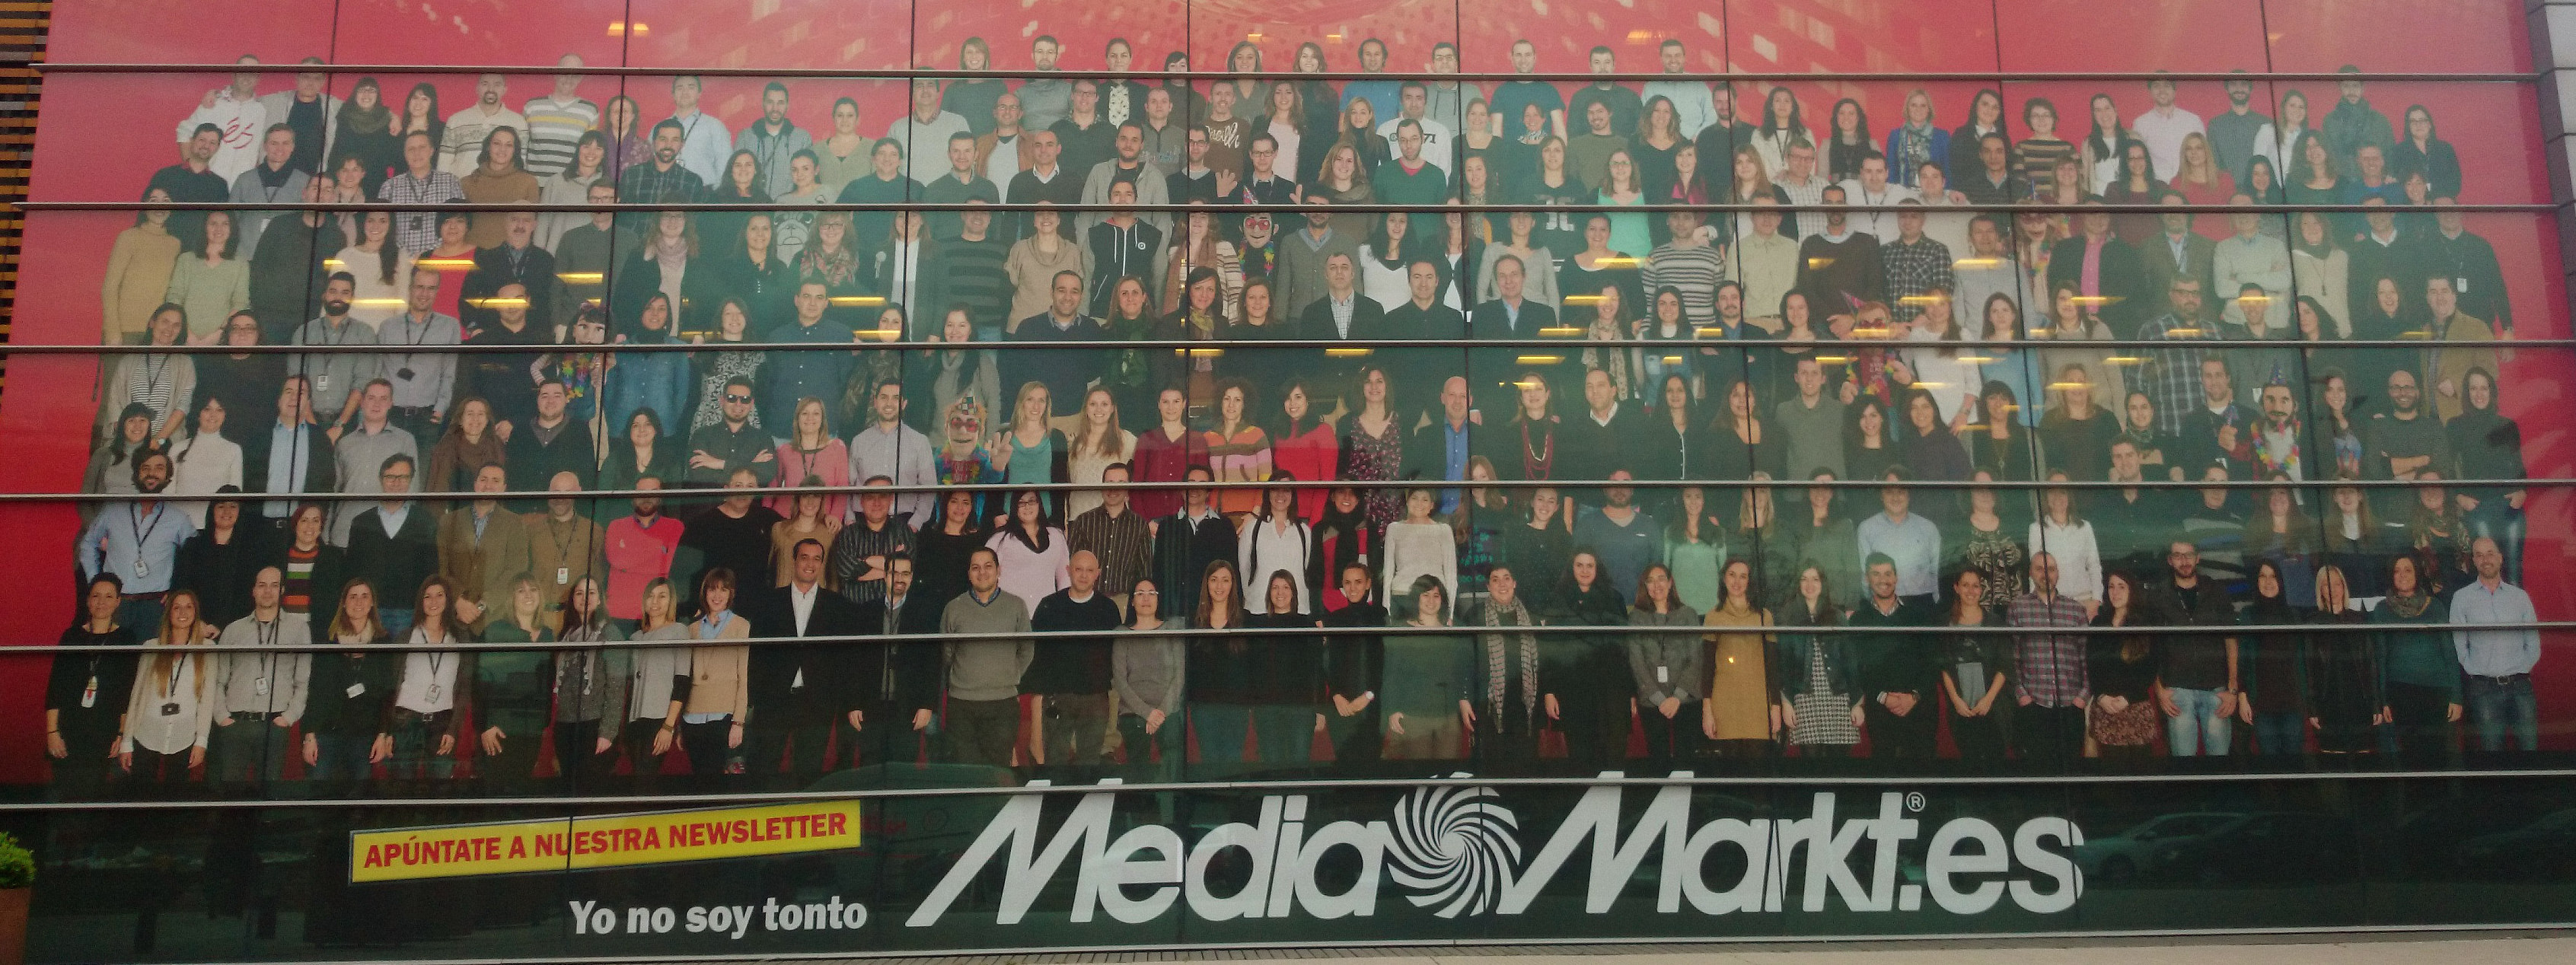 Fachada del edificio de Media Markt con una foto de todos los empleados... ¿Dónde está Wally?